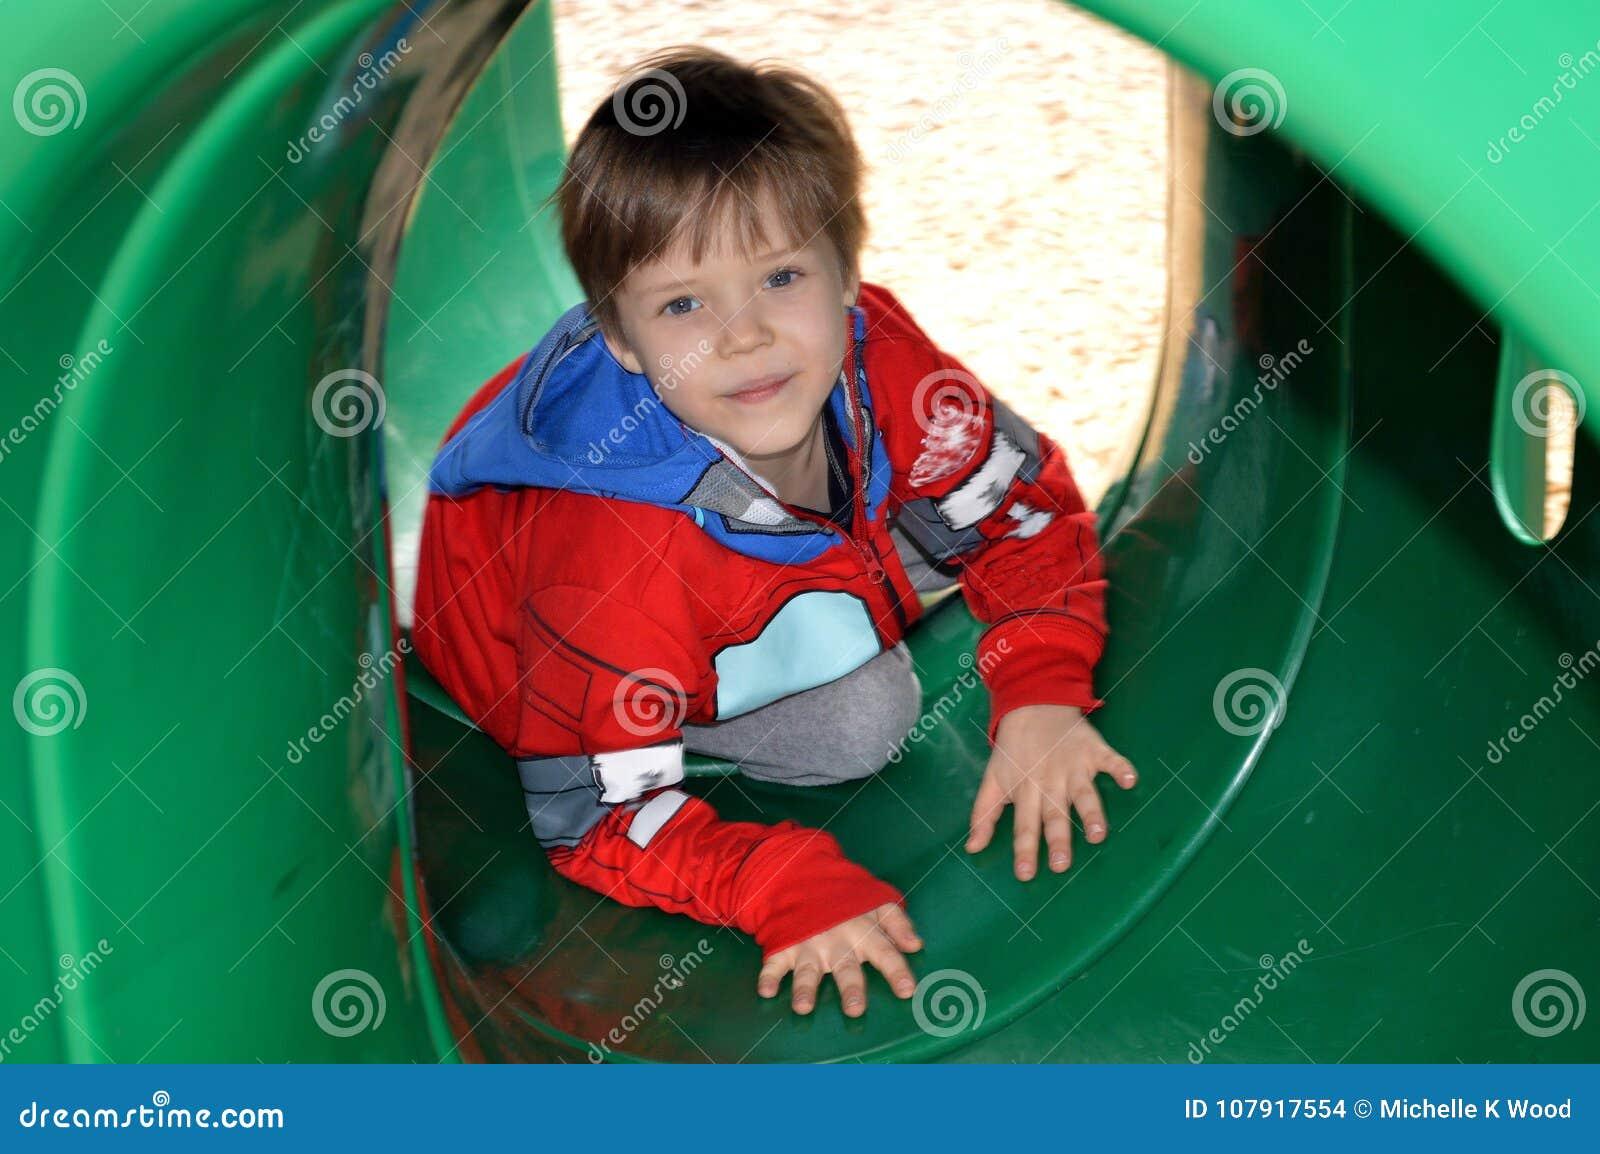 Boy crawling through a playground tunnel